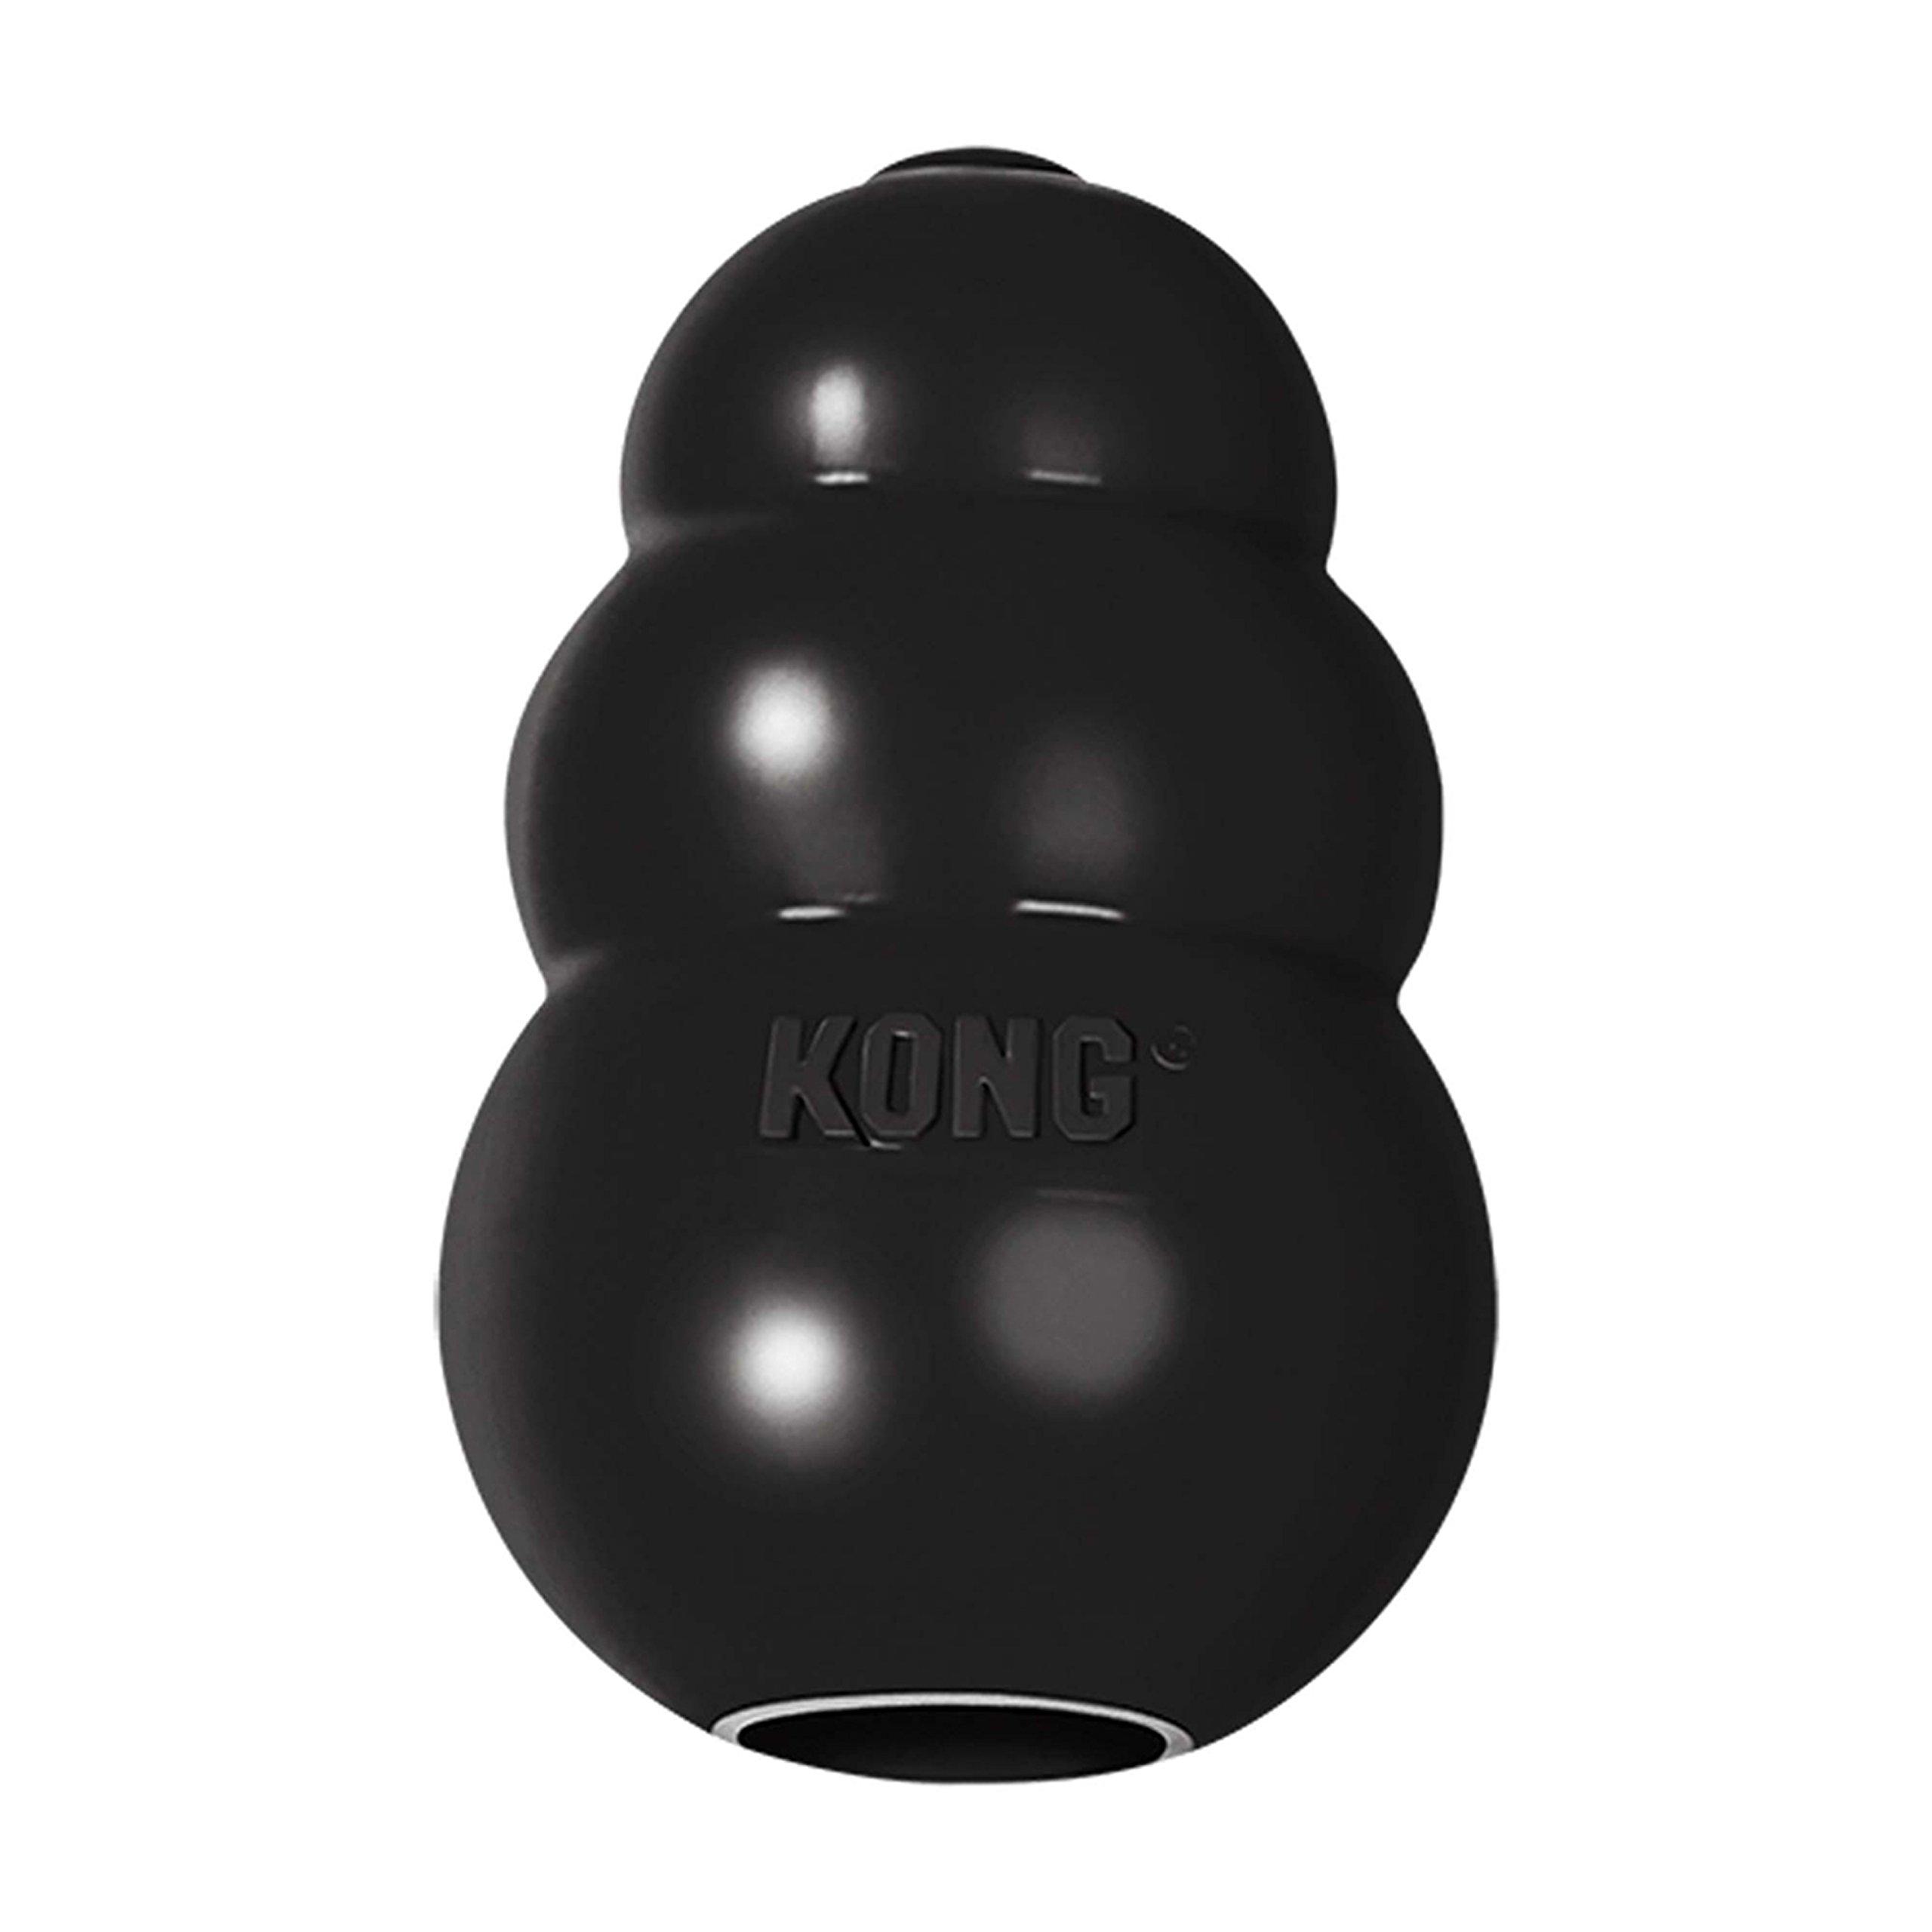 KONG Extreme Dog Toy, Large, Black